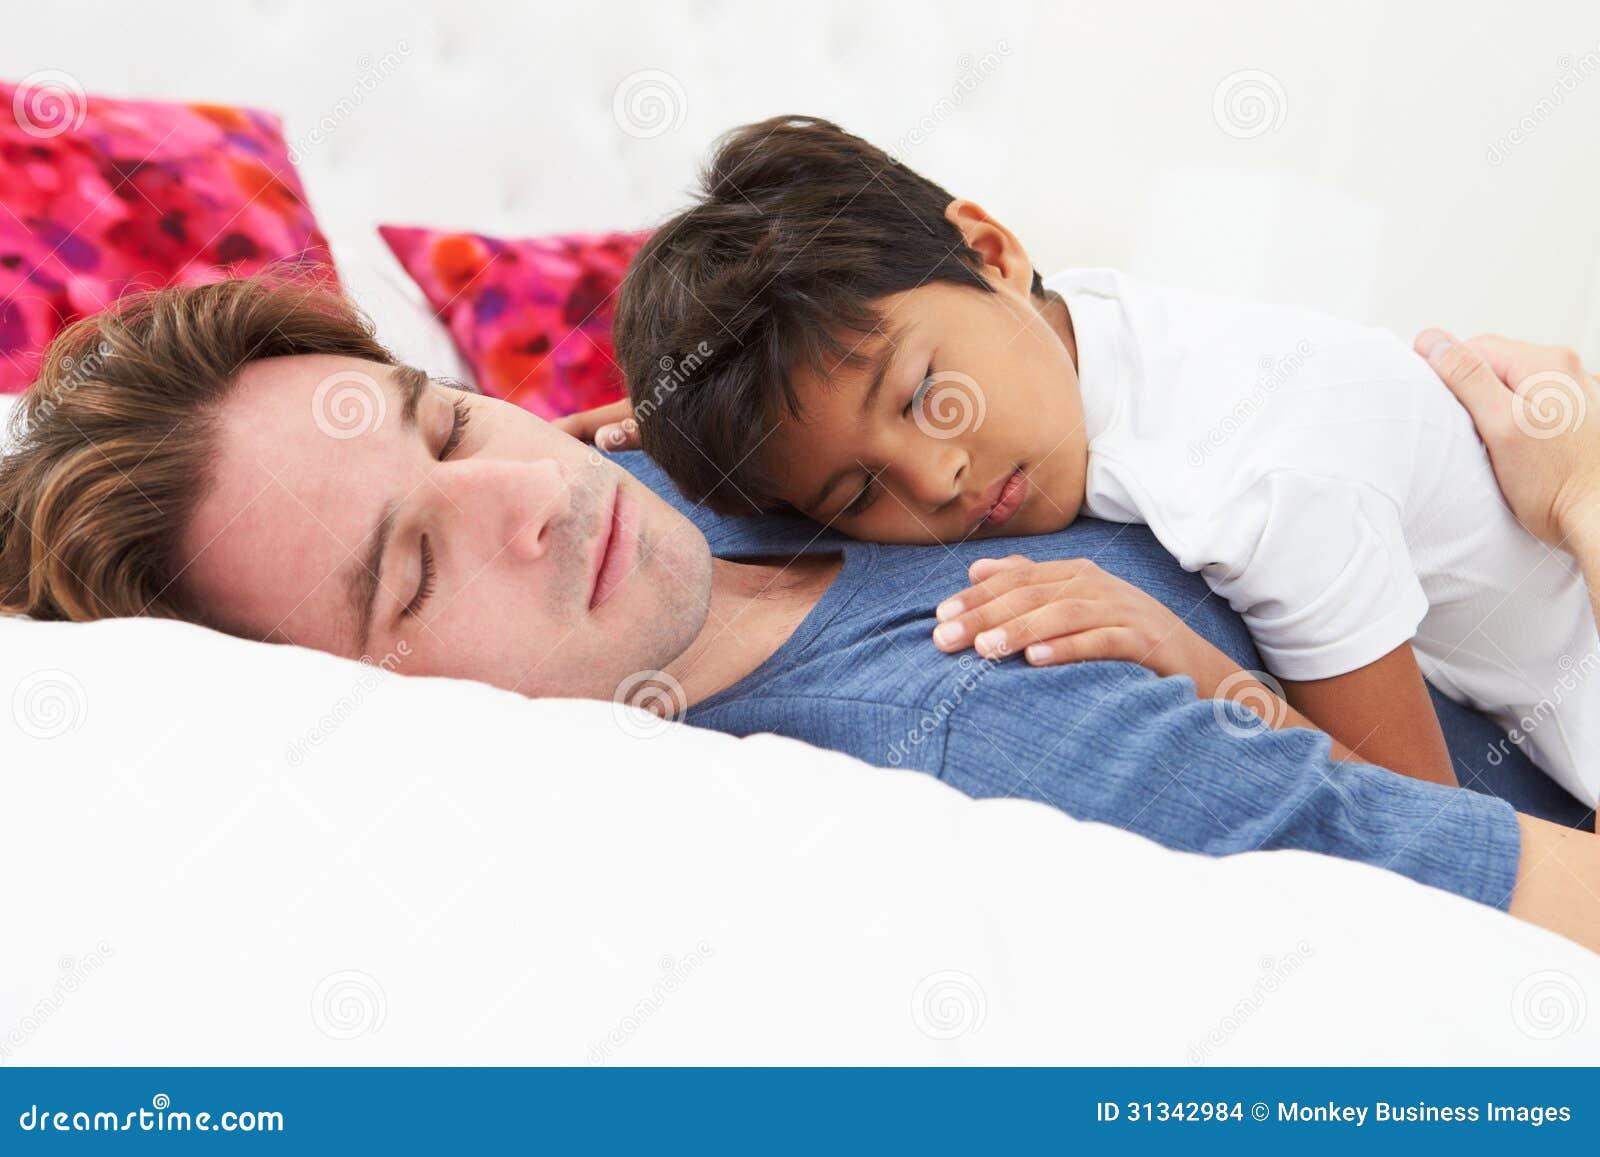 Спящая и сын 15 фотография